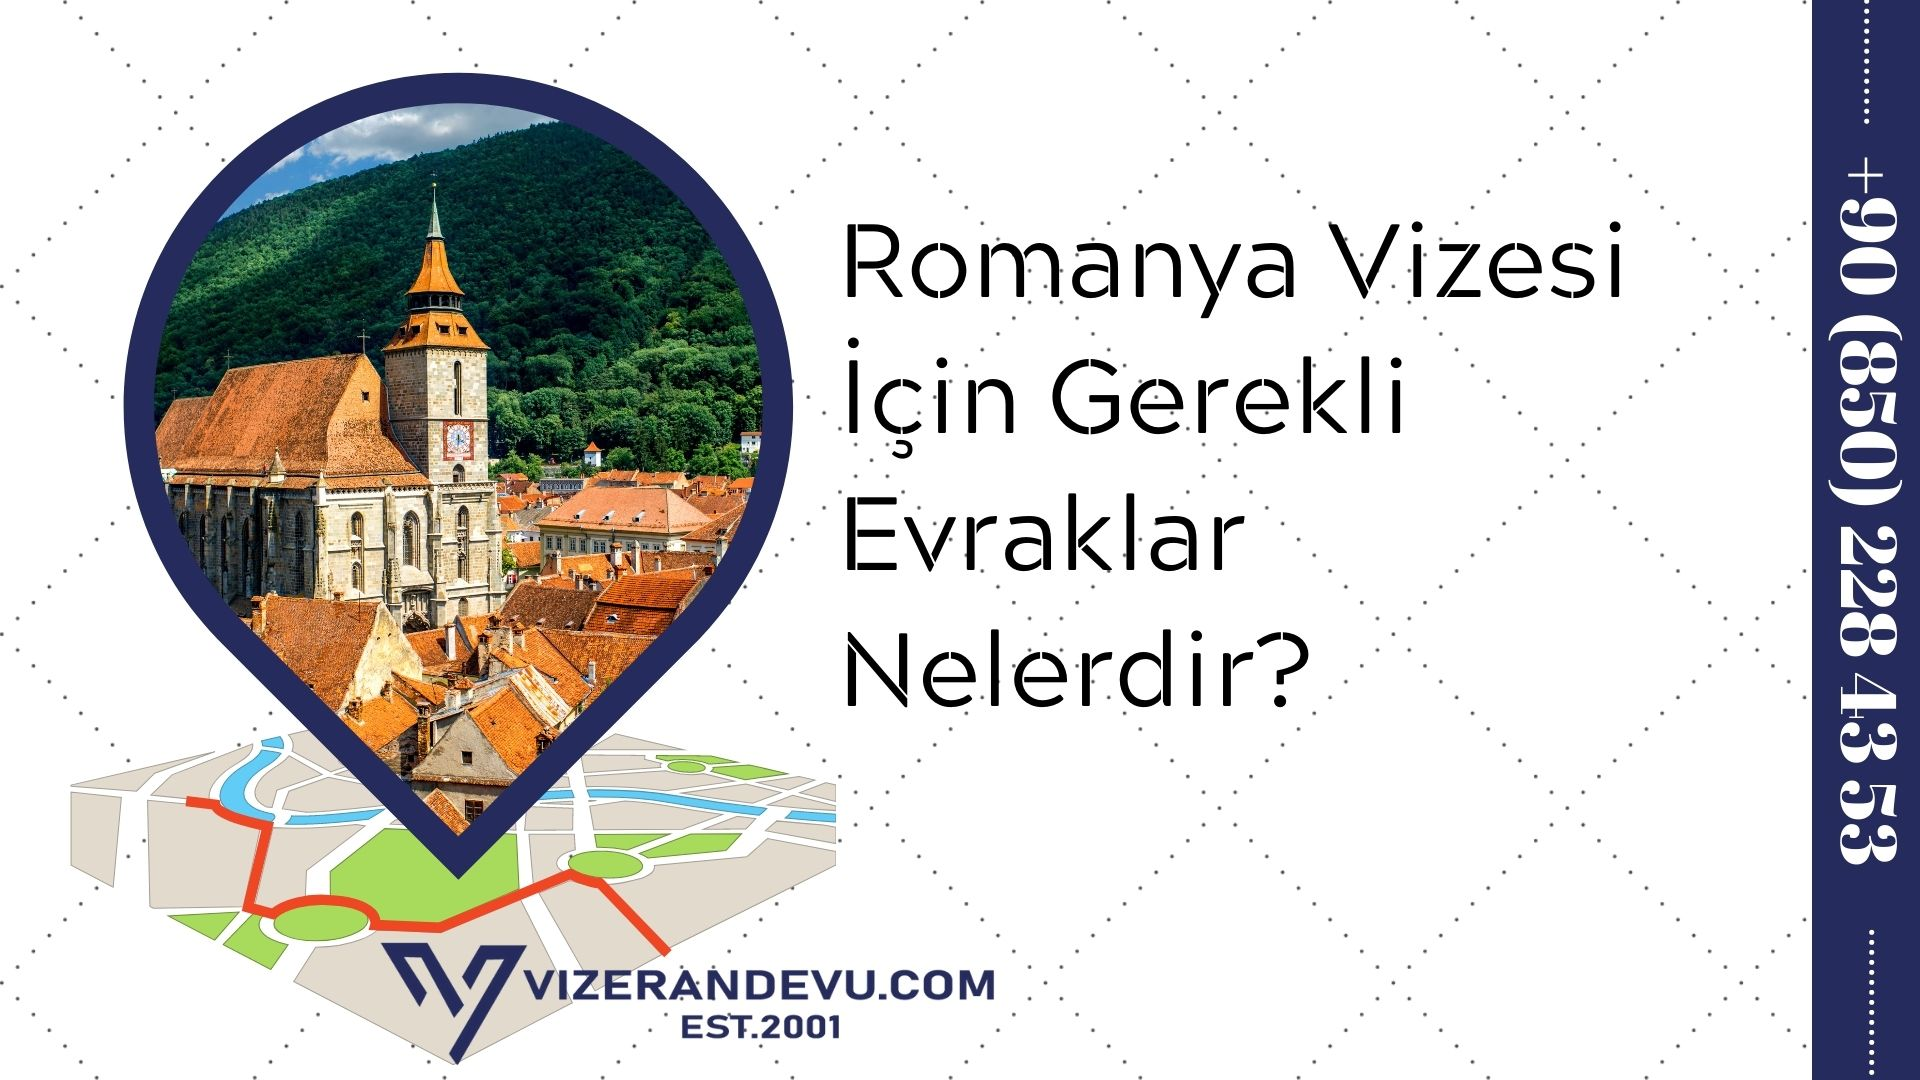 Romanya Vizesi İçin Gerekli Evraklar Nelerdir?